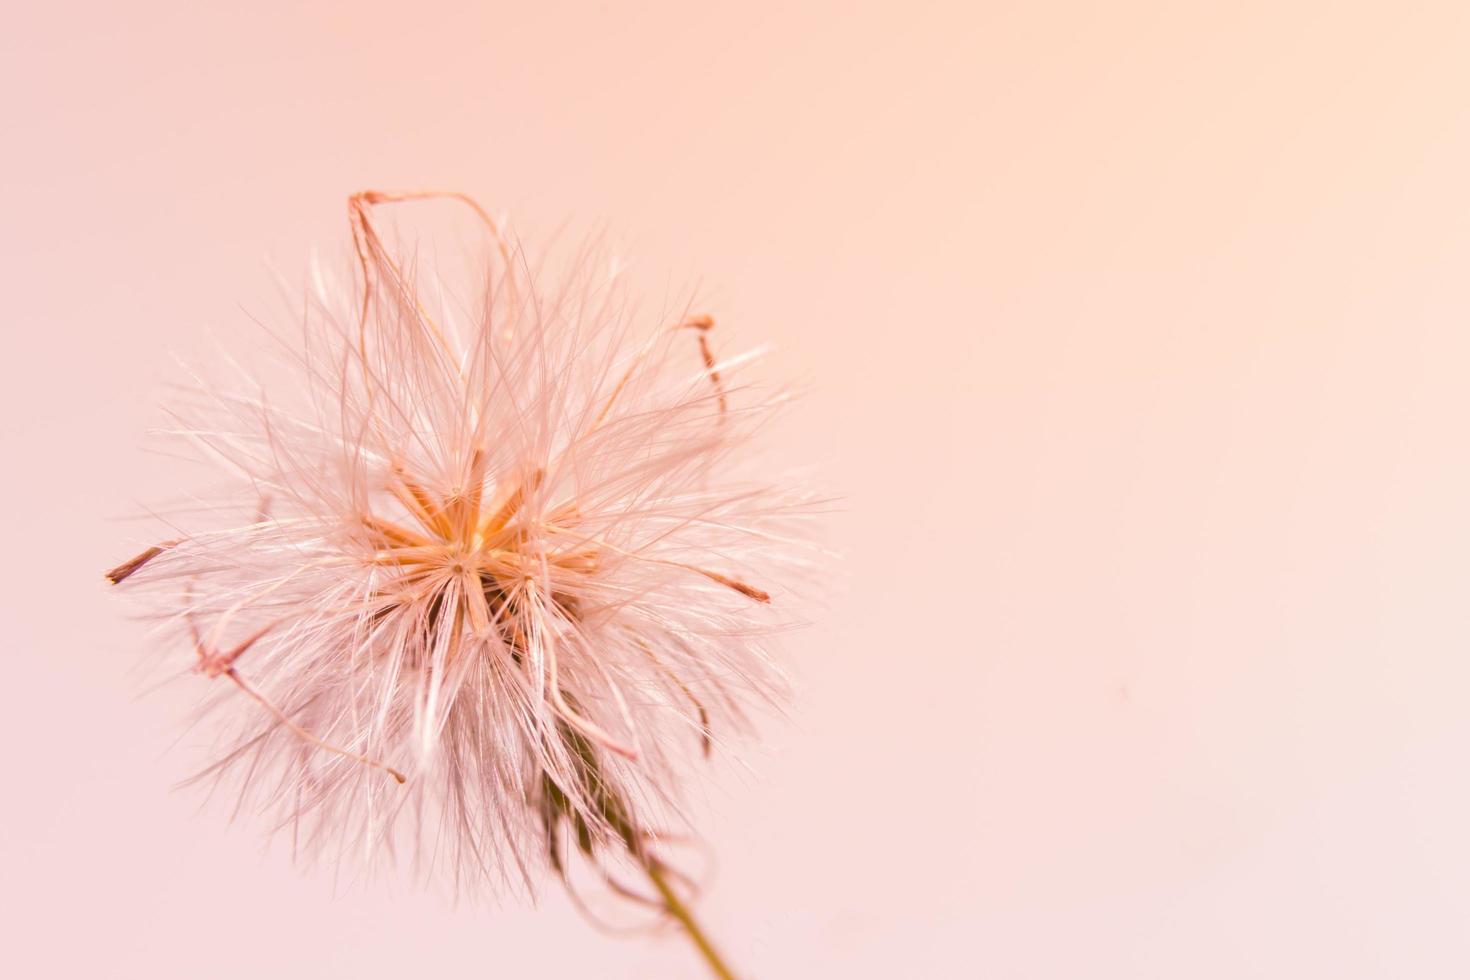 Grass flower close-up photo